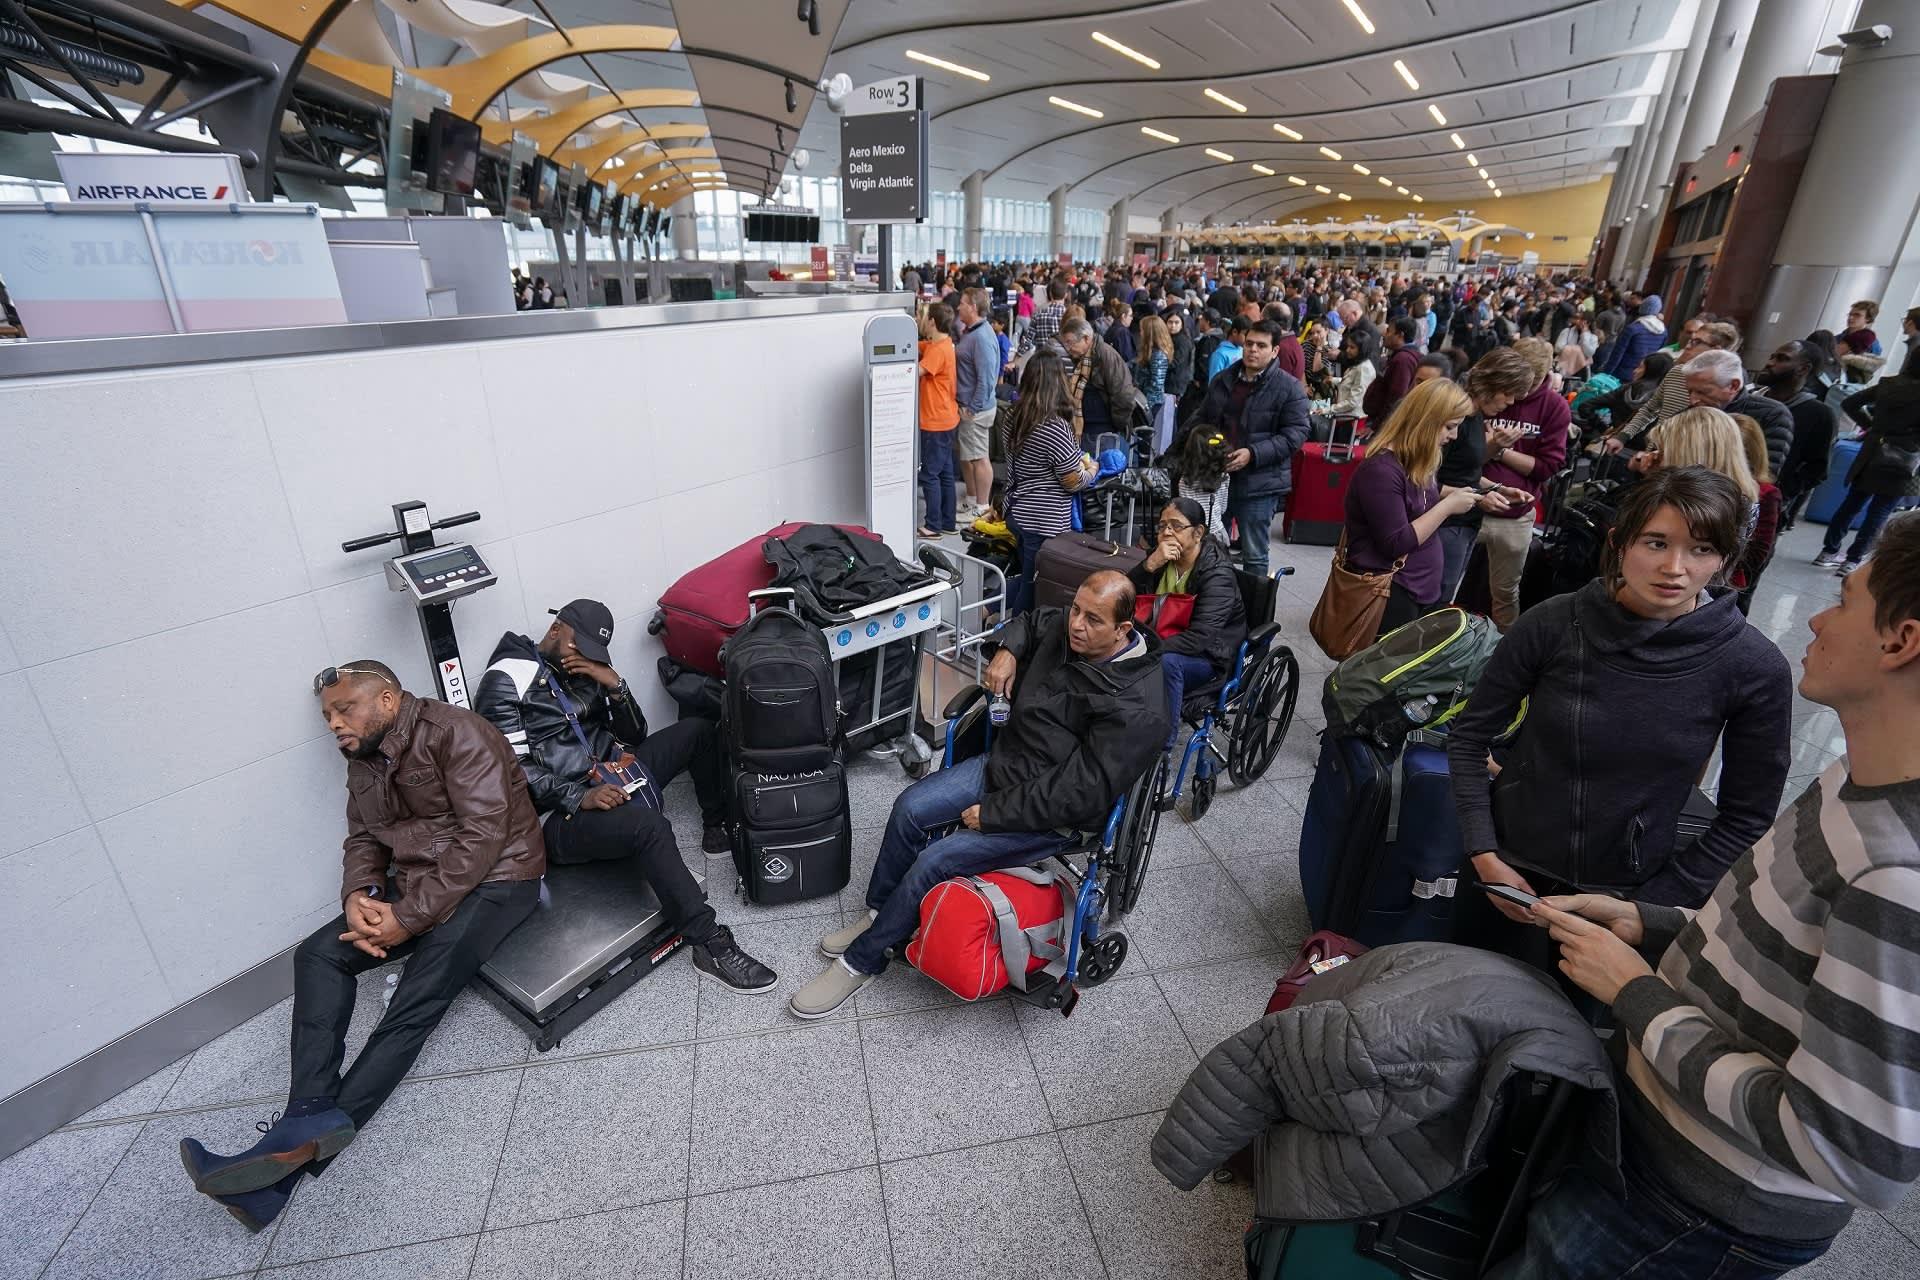 Tuhannet matkustajat odottivat sähkökatkon päättymistä Hartsfield-Jacksonin lentokentällä Yhdysvalloissa 17.12.2017.